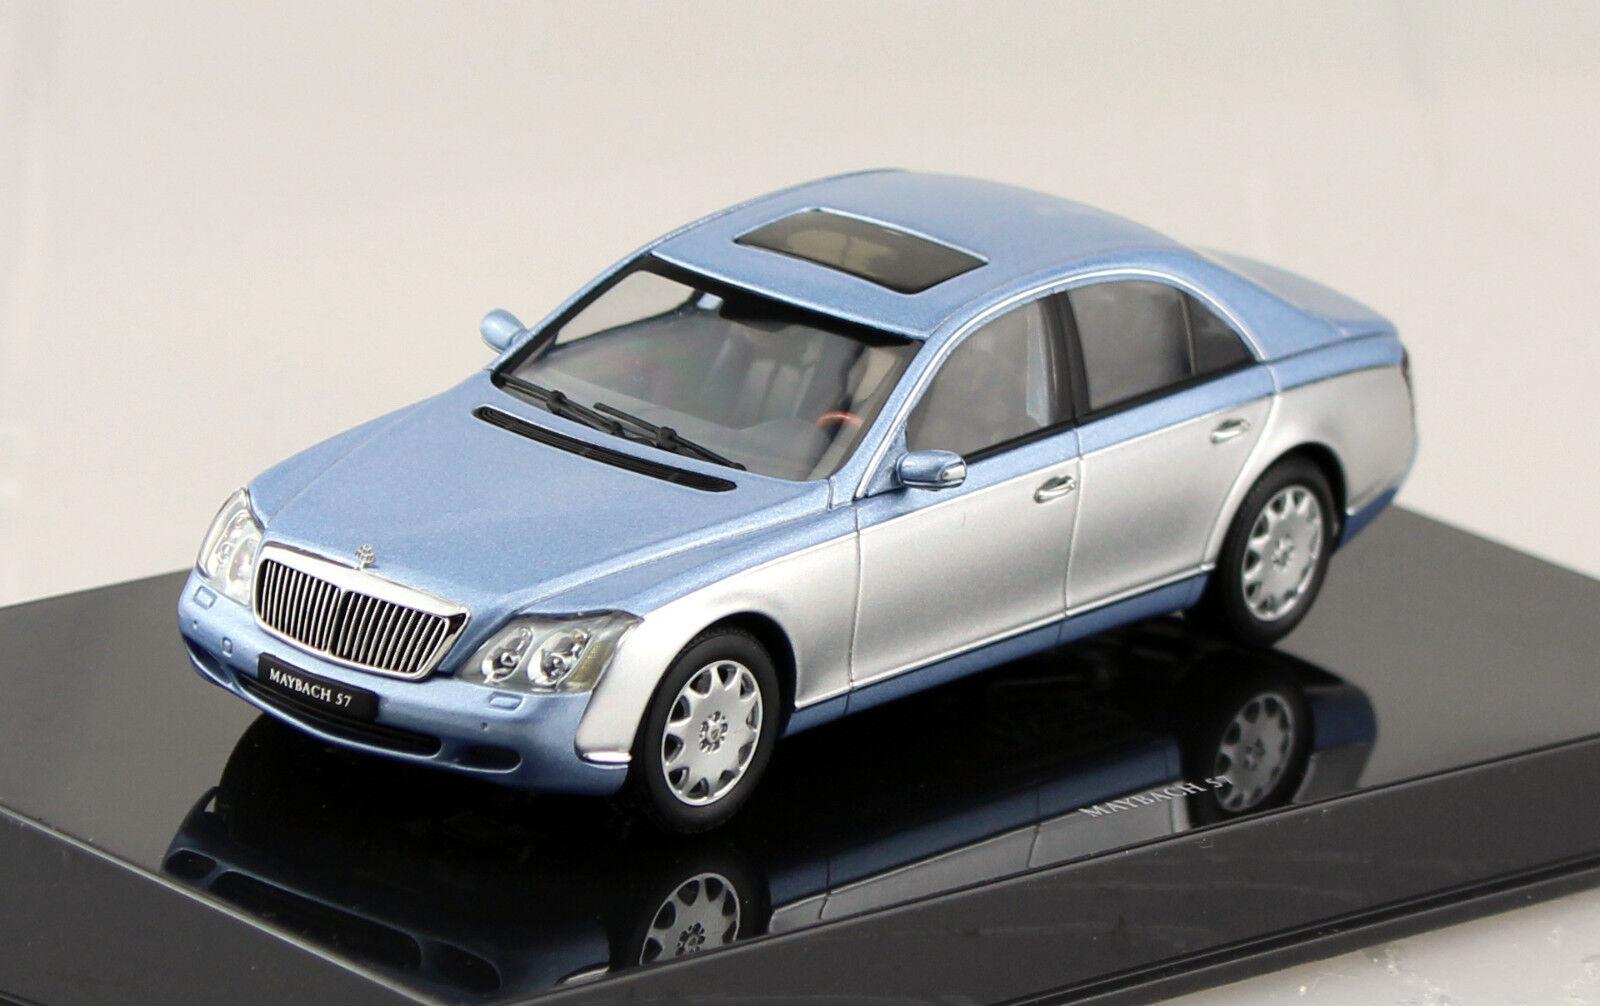 Maybach 57 plataO-azul 1 43 AUTO ART MODELLO DI AUTO